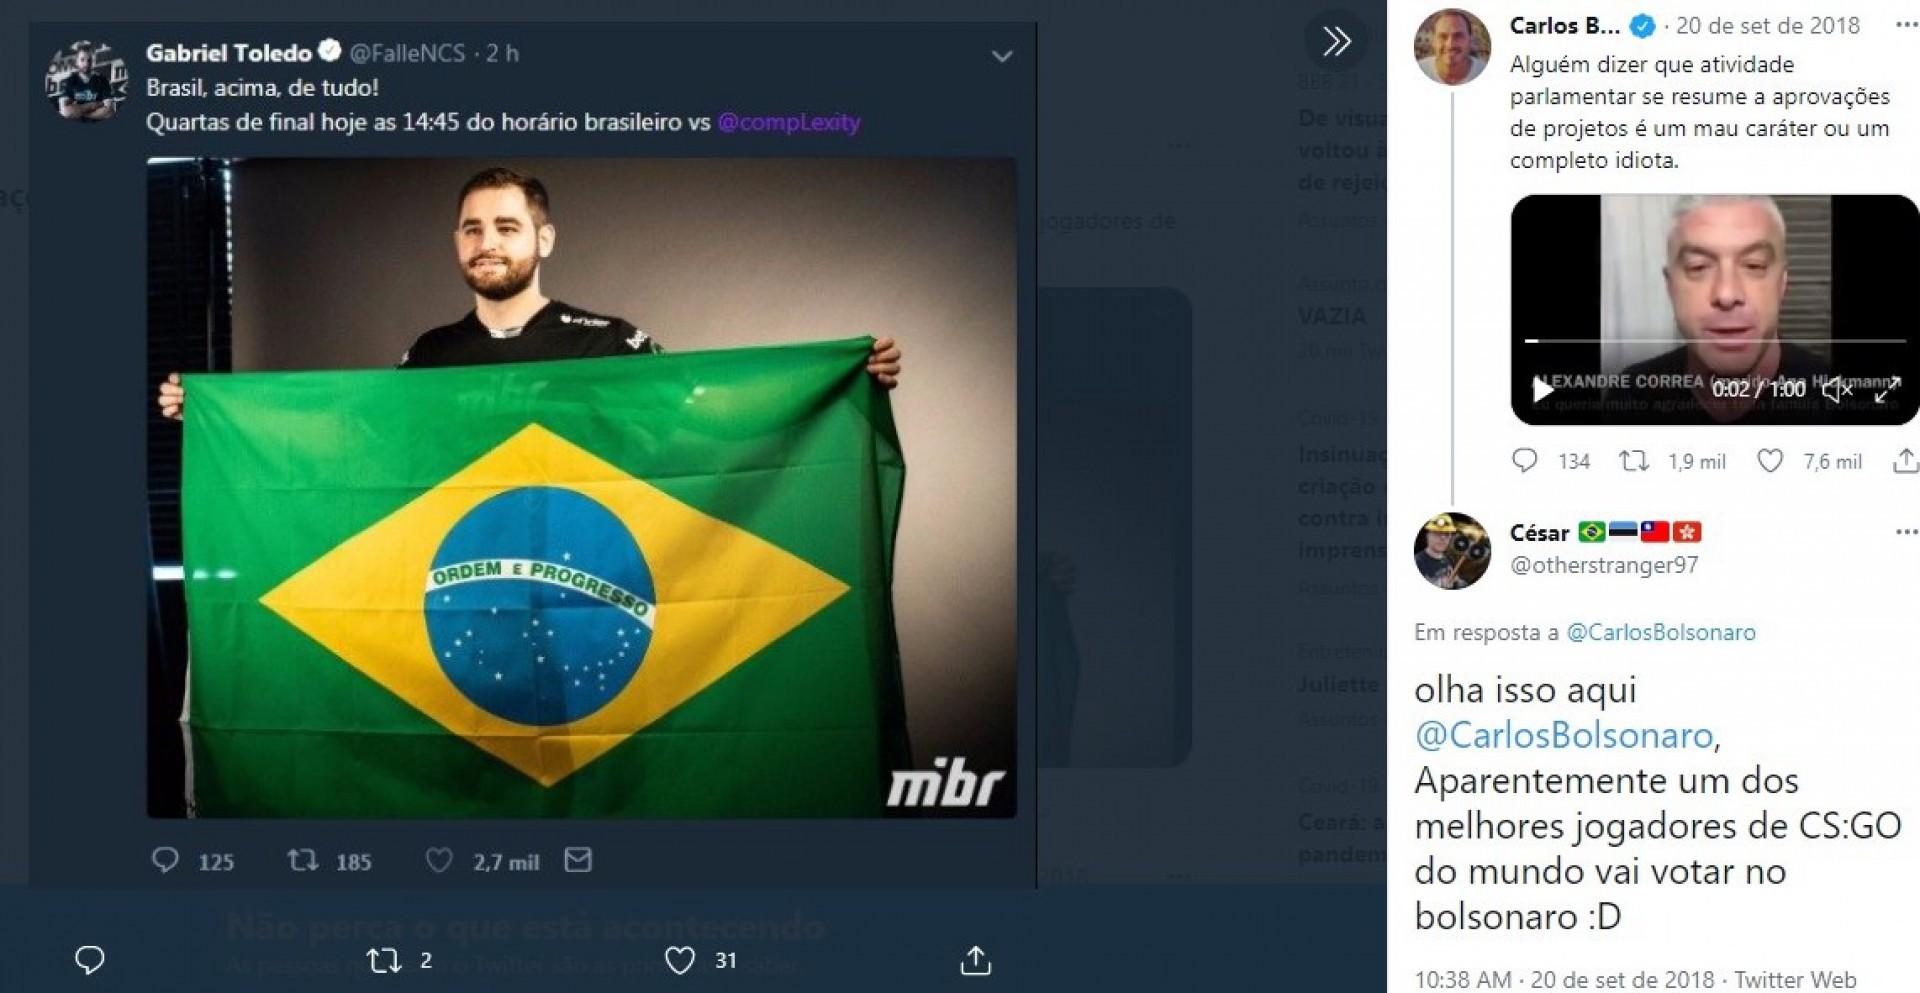 No auge da campanha eleitoral em 2018, Gabriel FalleN publicou foto com a bandeira do Brasil utilizando um jargão que se popularizou na época com Bolsonaro(Foto: Reprodução/Twitter)